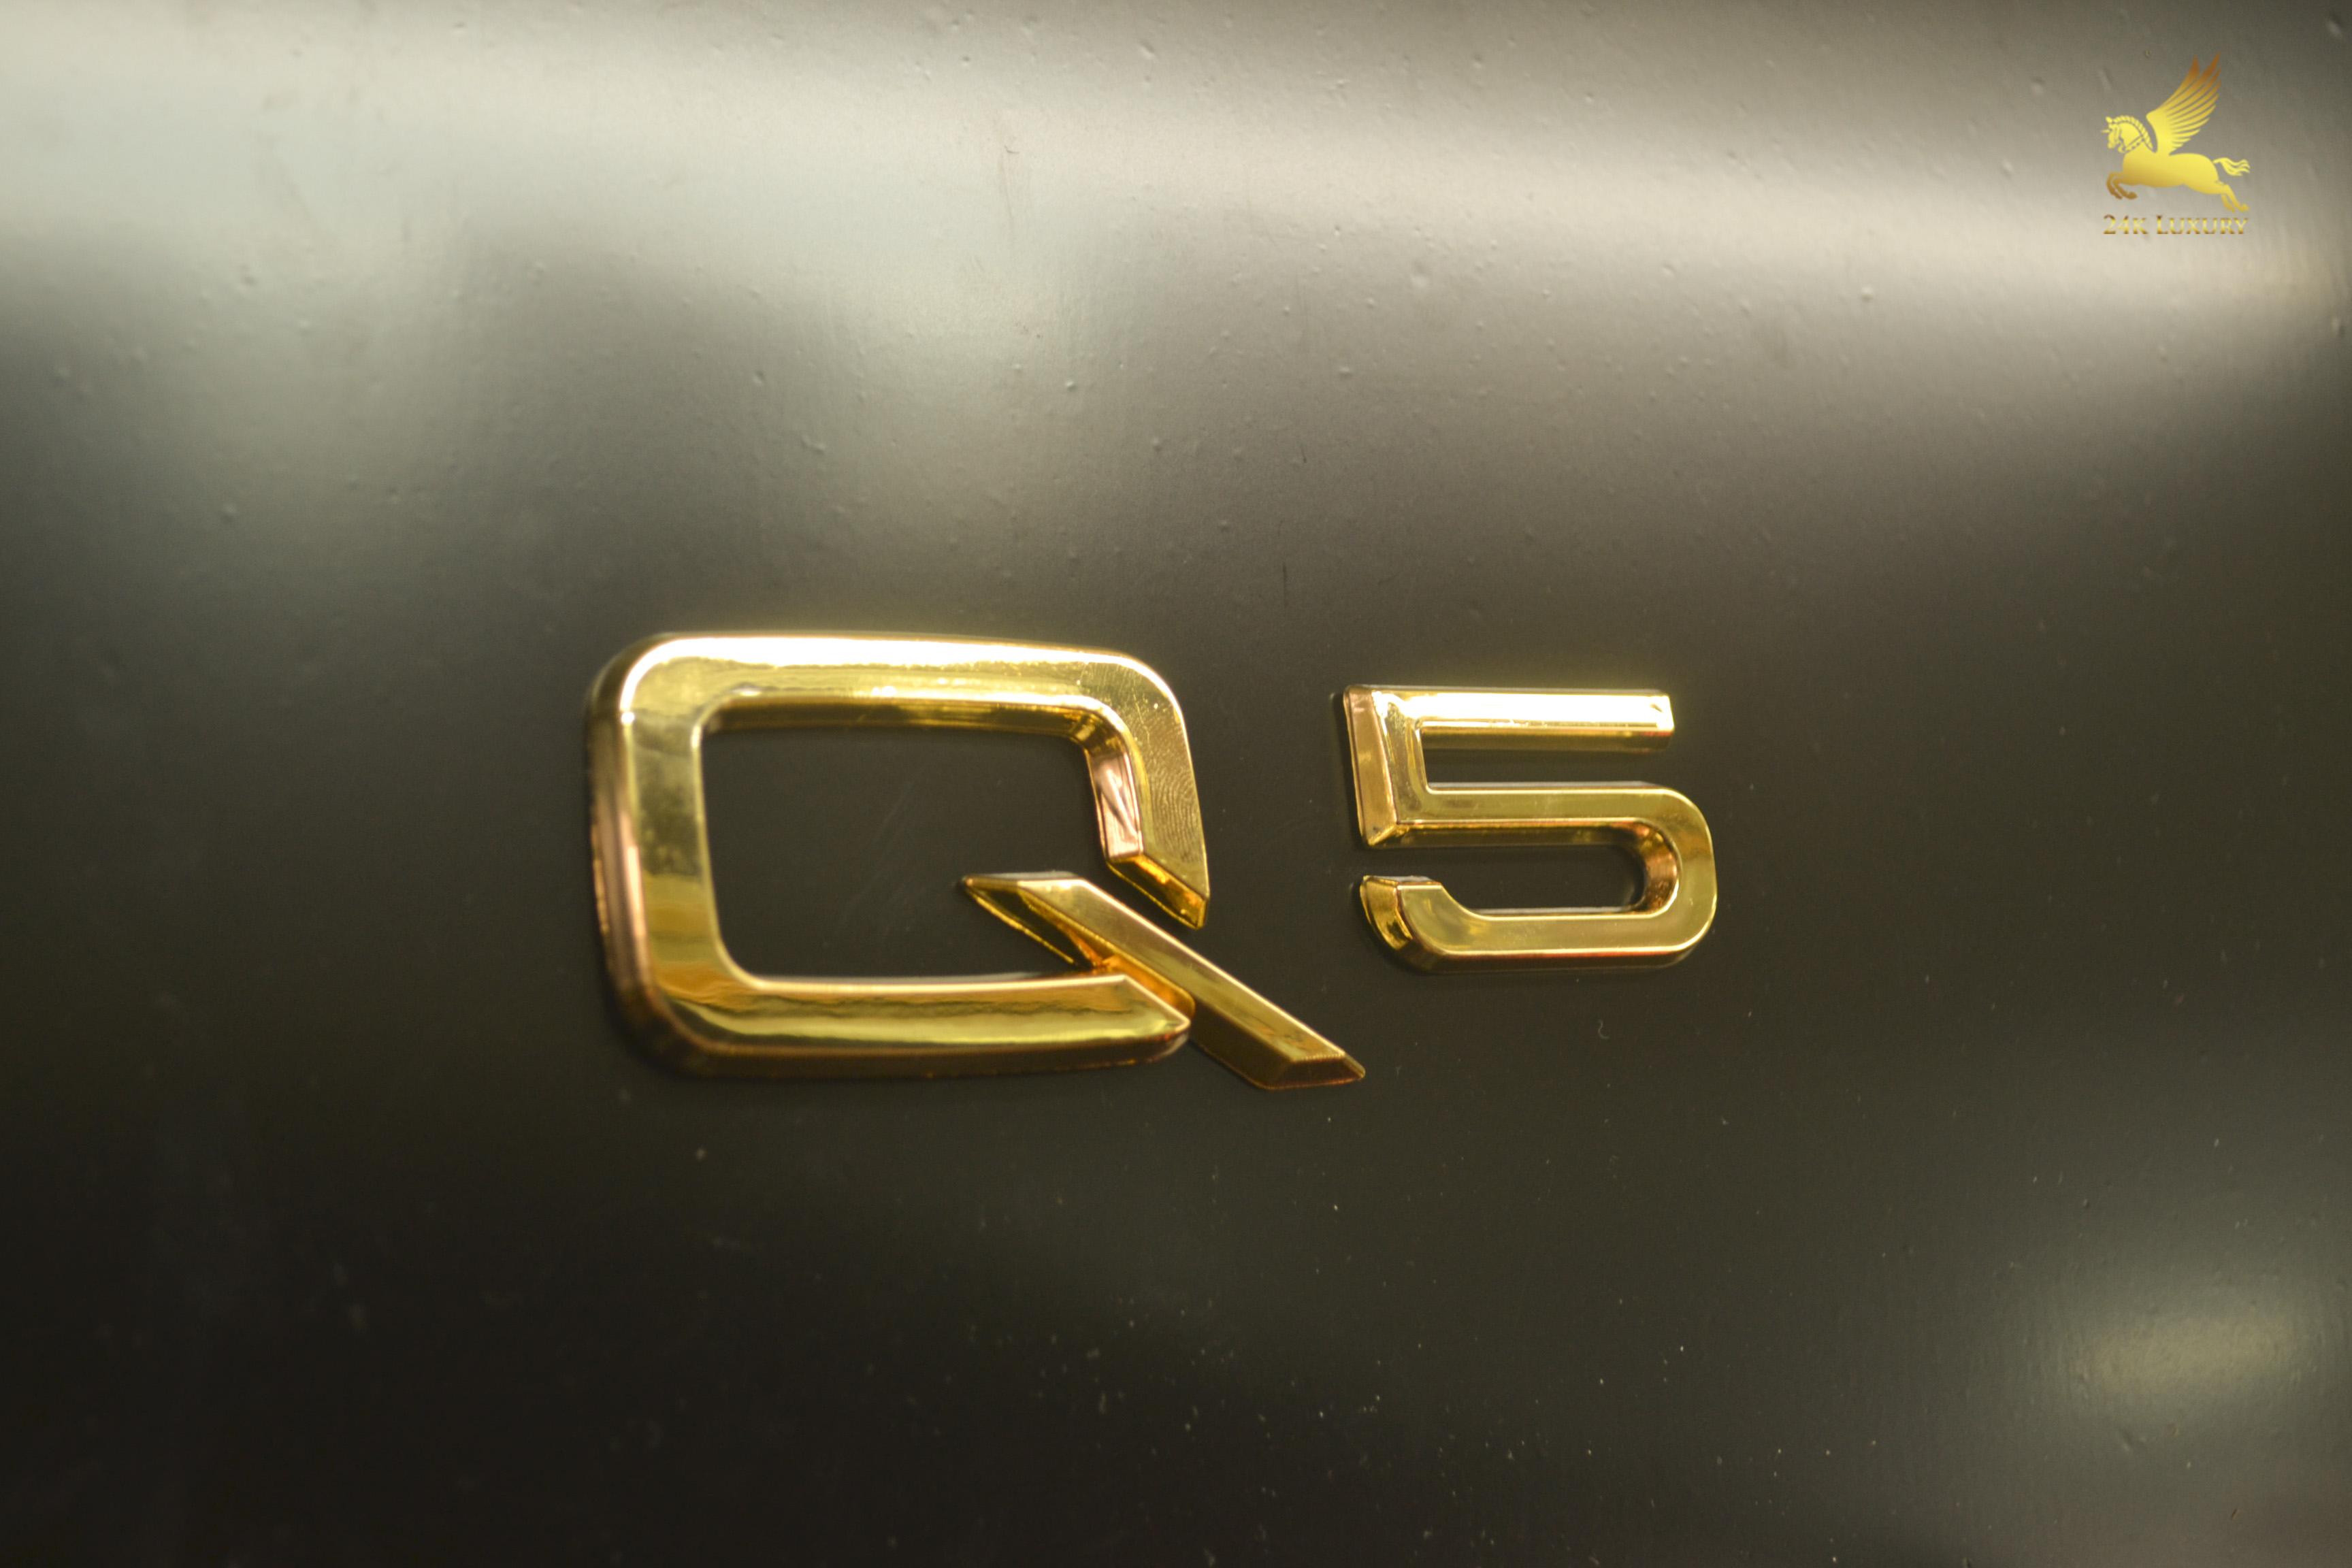 Bộ chữ Q5 mạ vàng ấn tượng độc đáo- Vian Gold Art